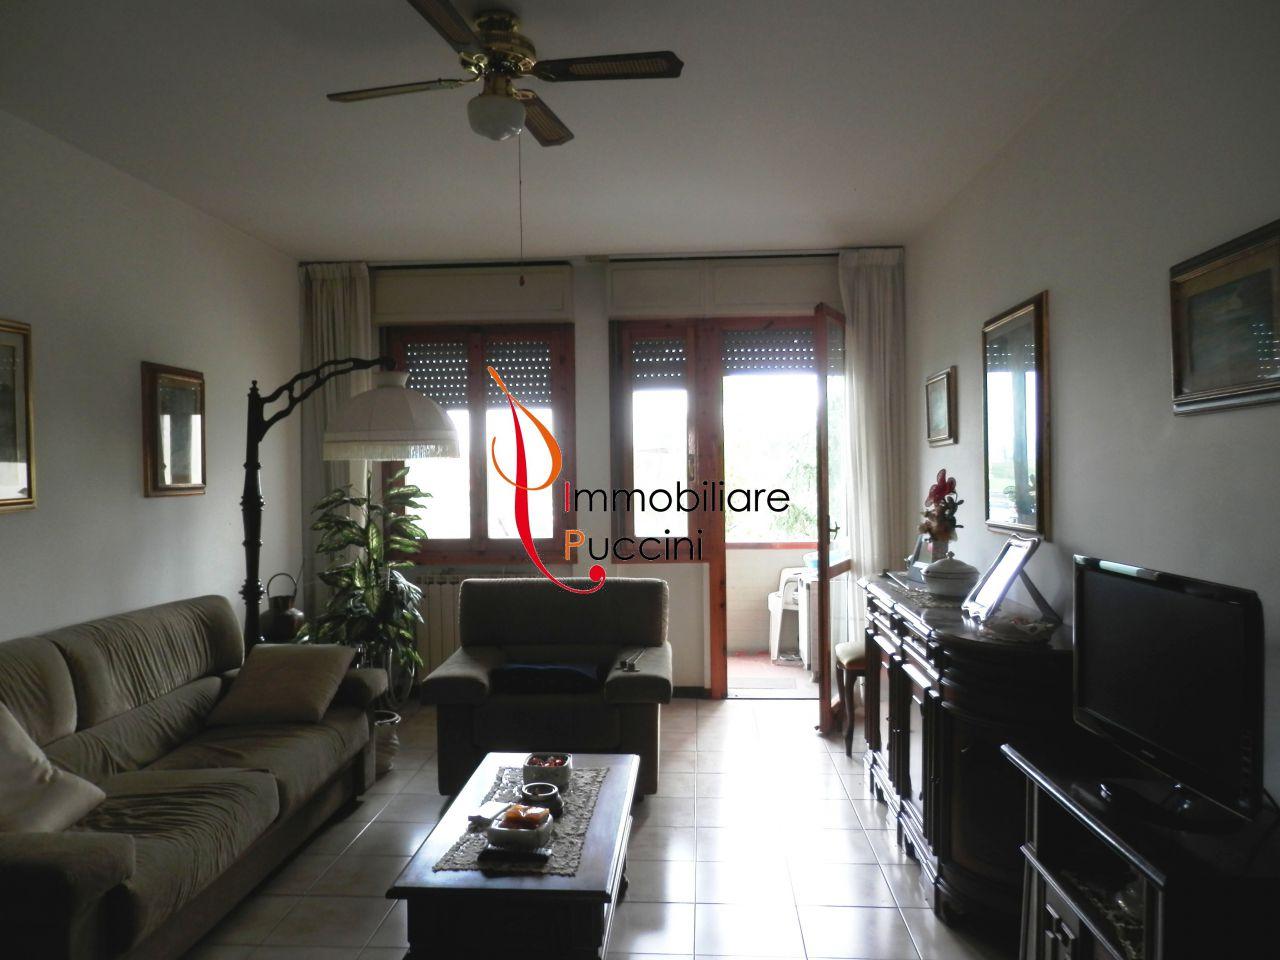 Appartamento in vendita a Calenzano, 4 locali, zona Località: GENERICA, prezzo € 160.000 | Cambio Casa.it